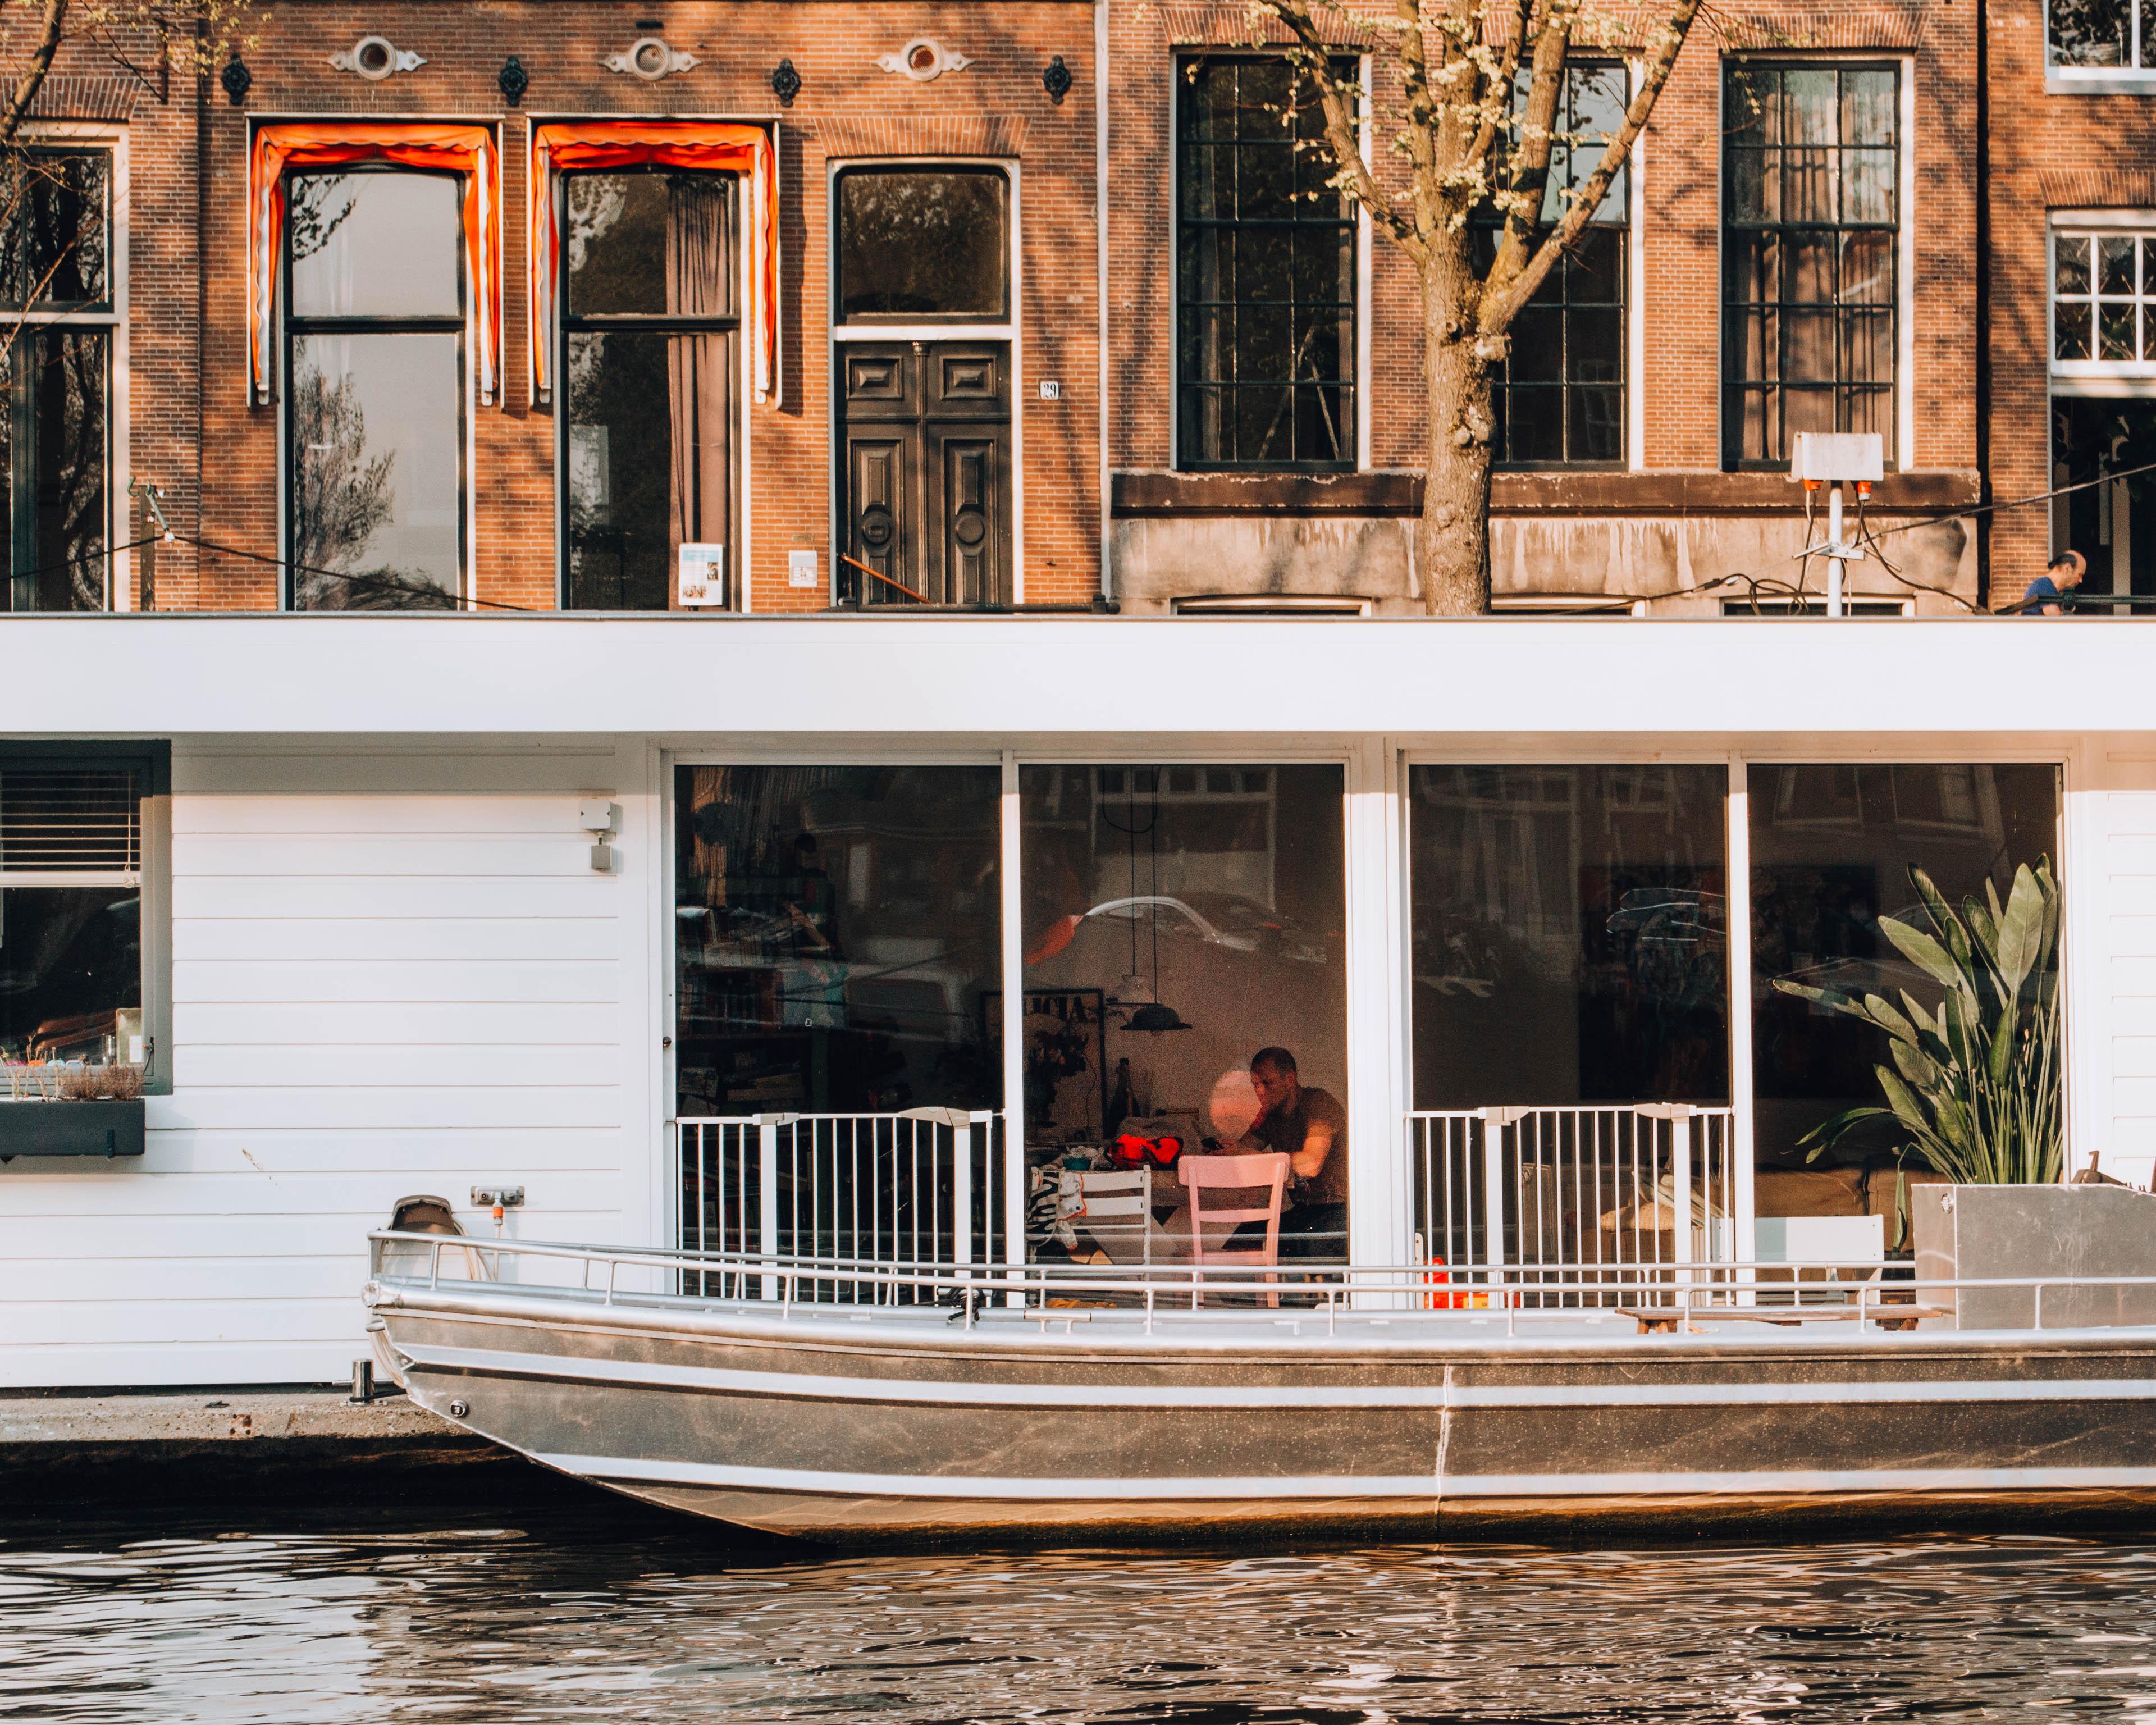 interno di un'abitazione visto dai canali